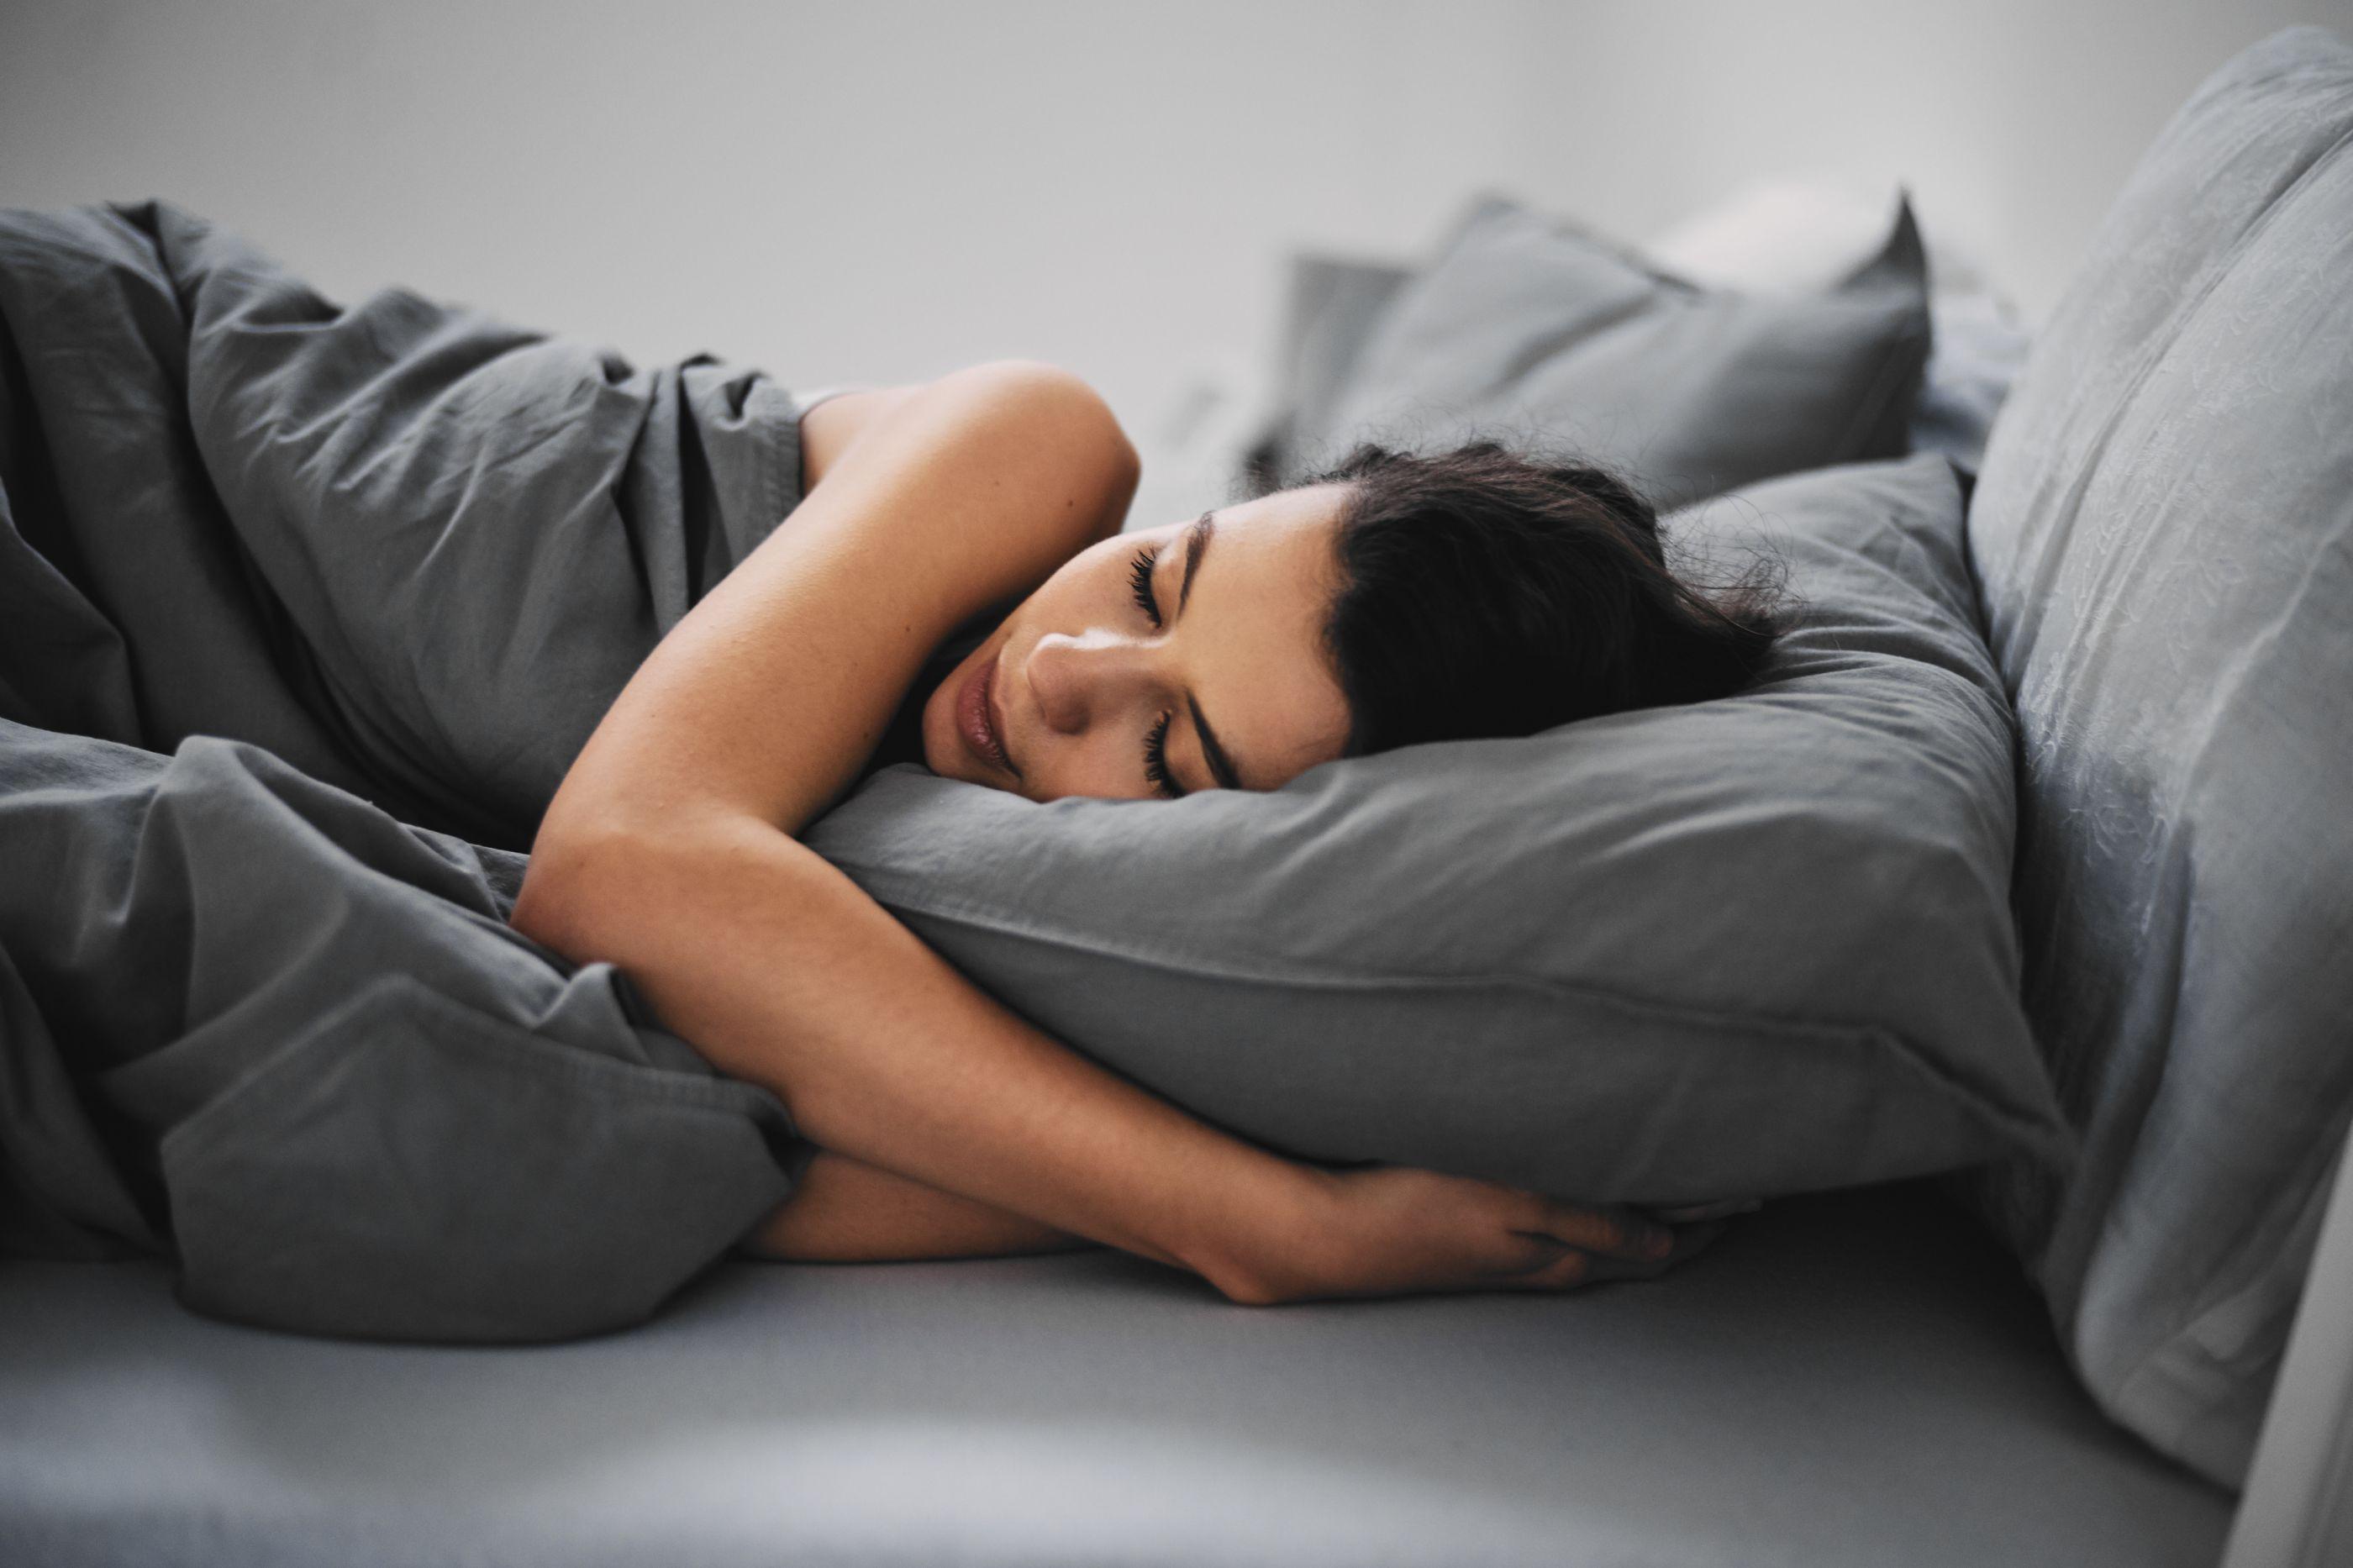 Inércia do sono: Perceba o 'perigo' das sestas e saiba dormir